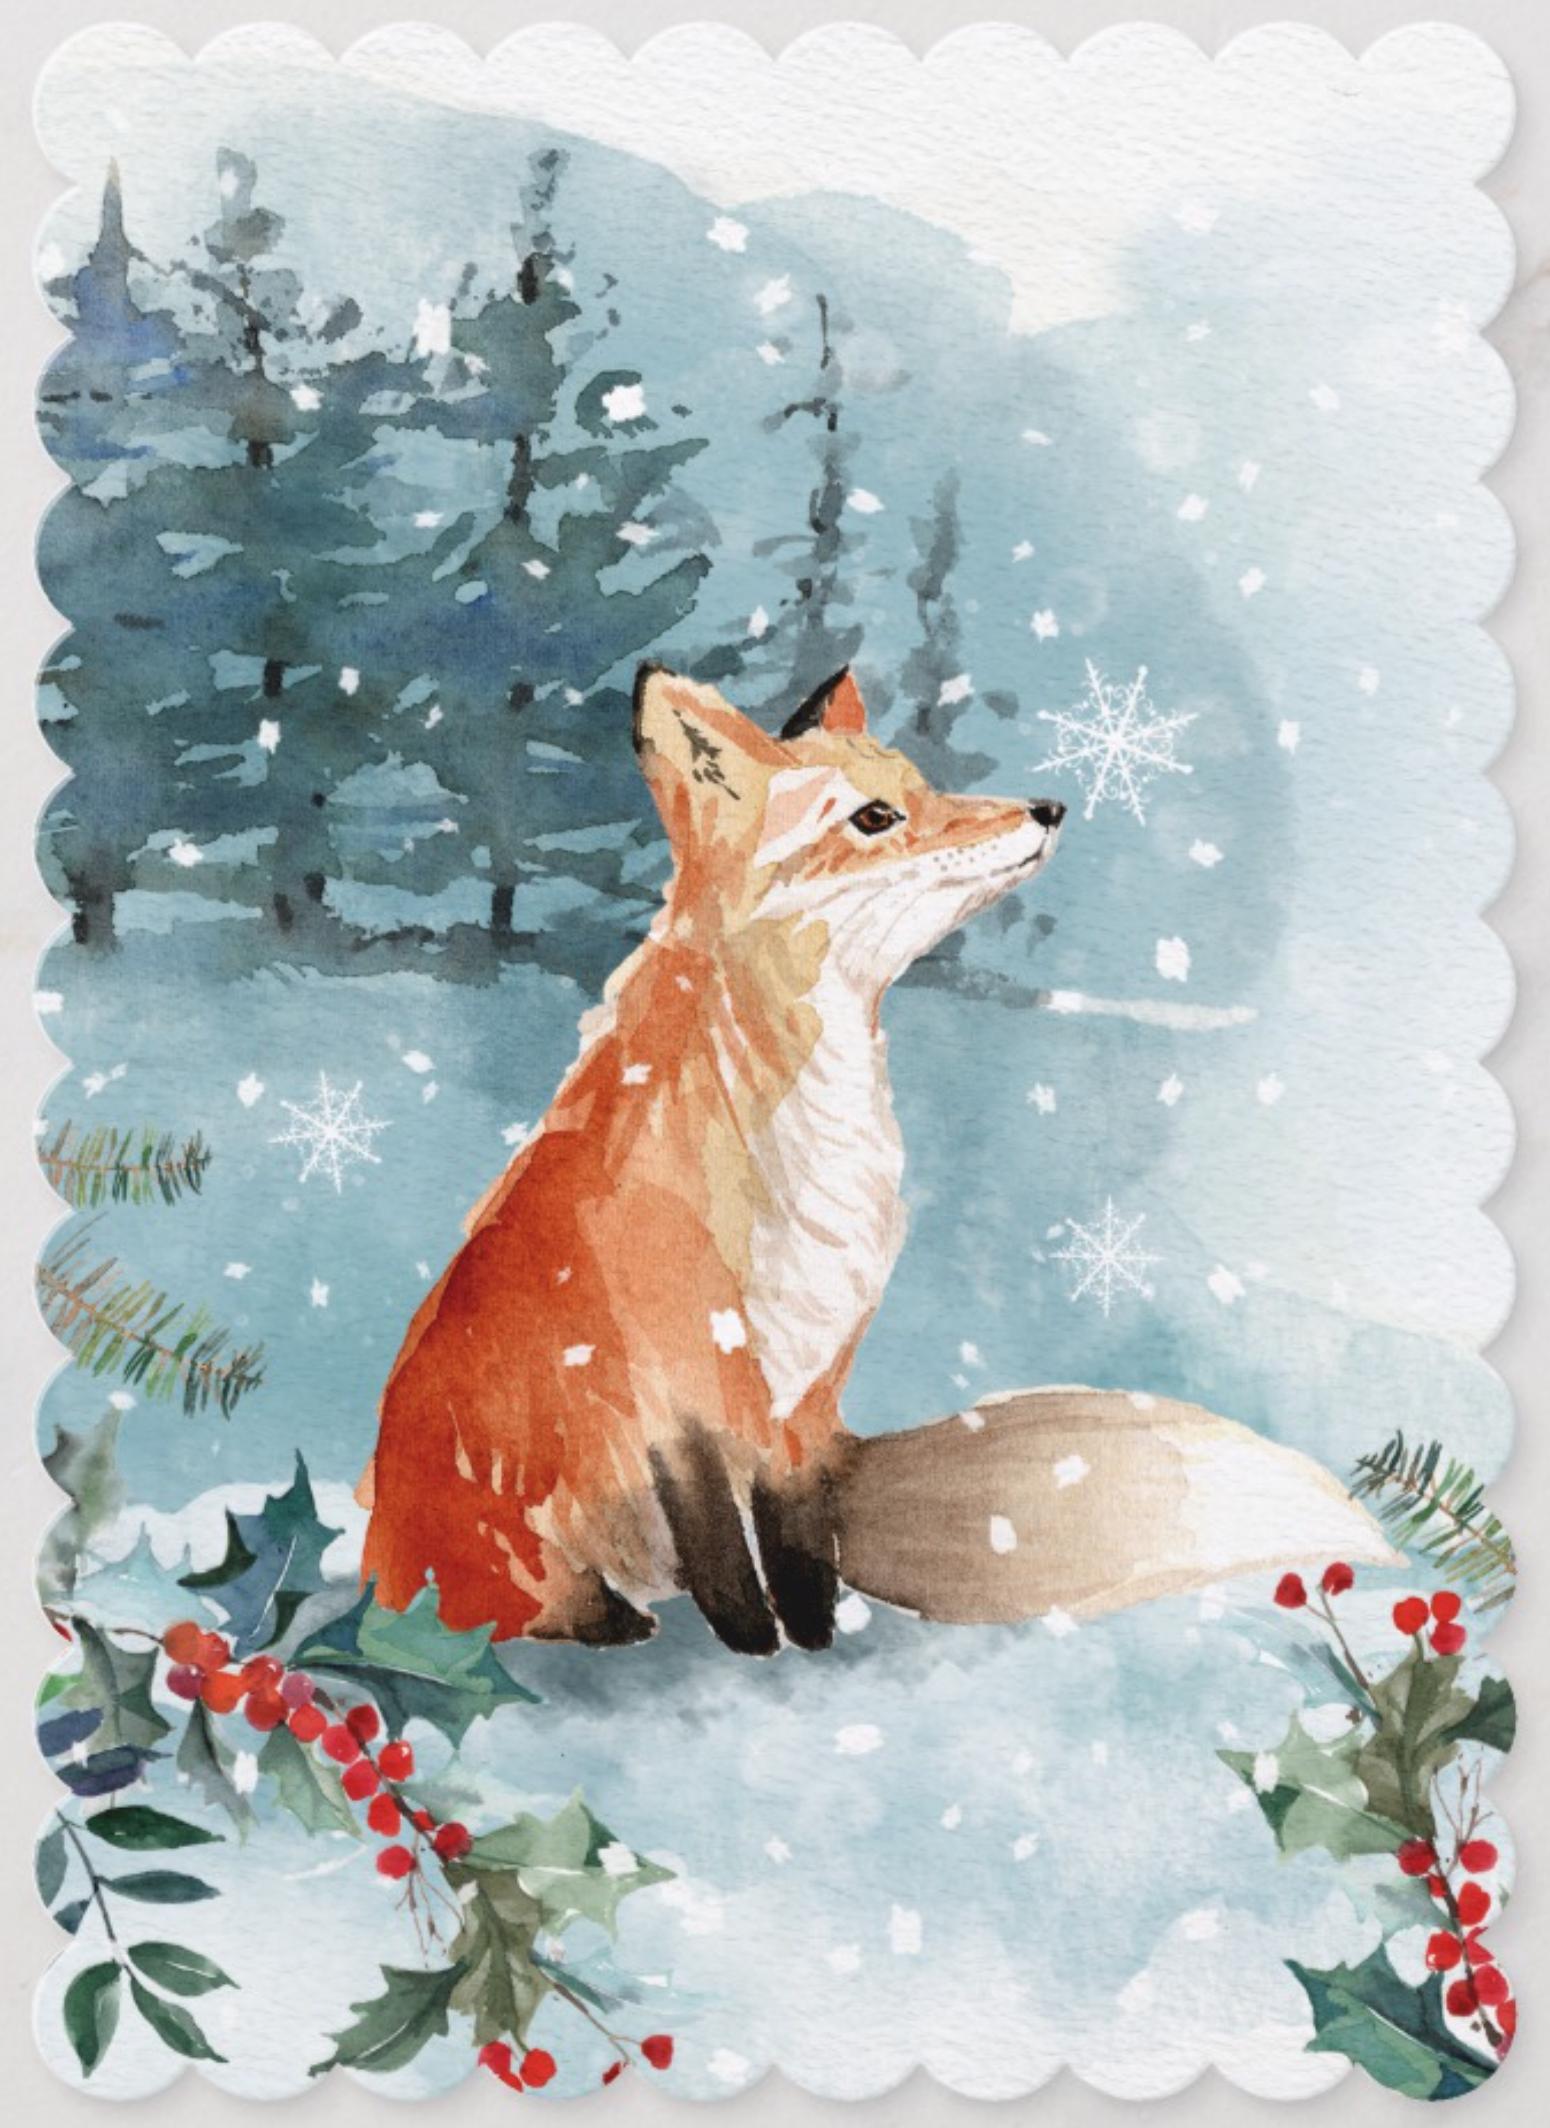 WILDLIFE HAND PAINTED CARD NATURE WILDLIFE ART FOX